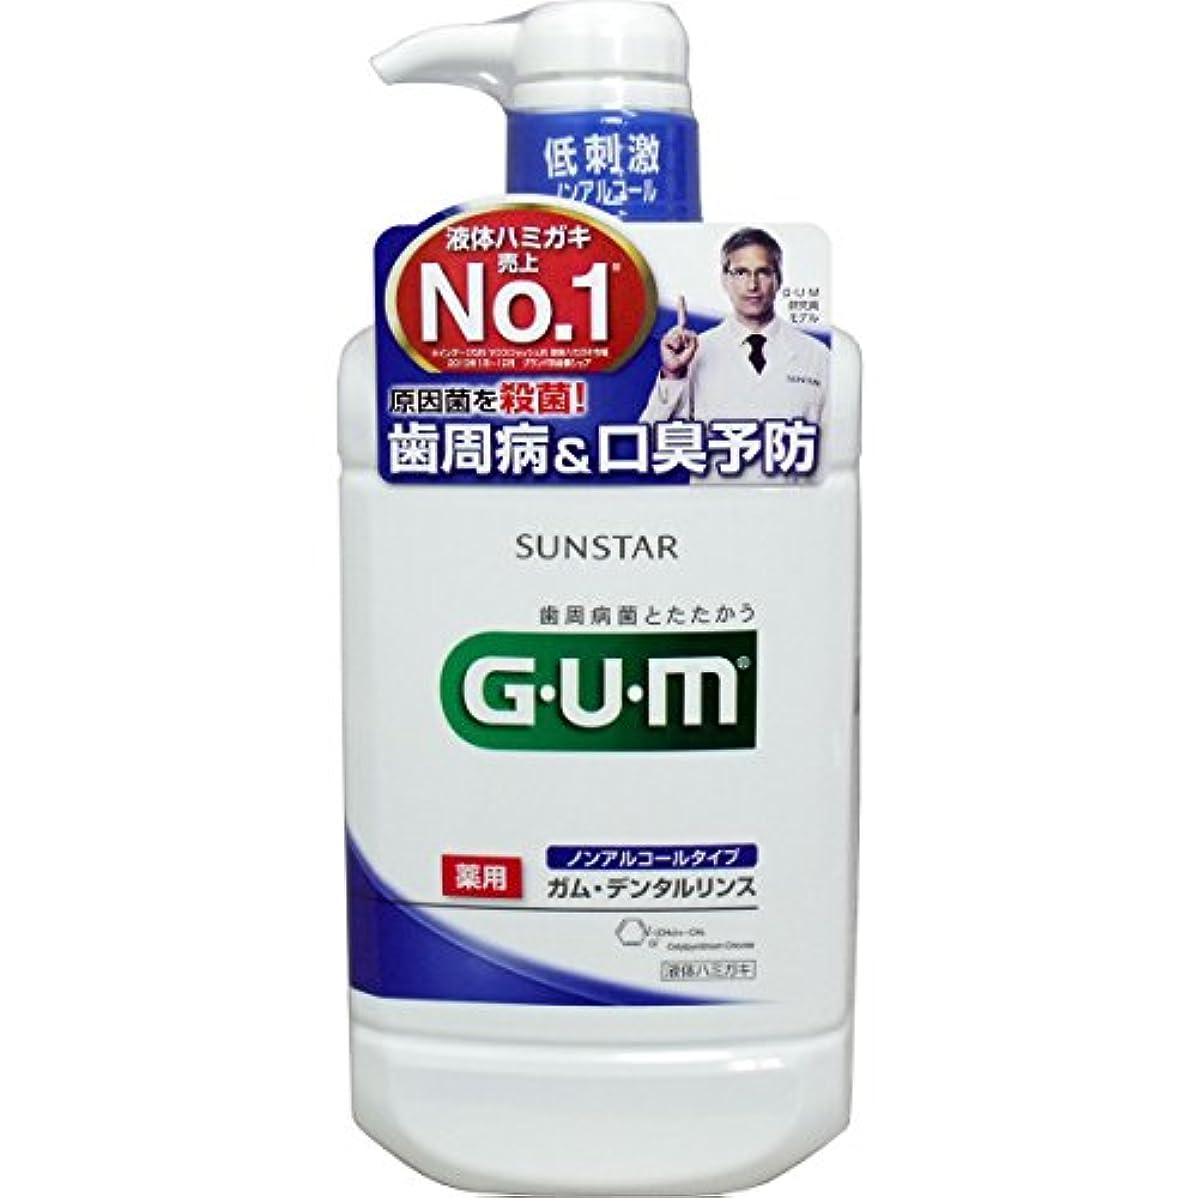 フェローシップブルーム作動する【まとめ買い】GUM(ガム)?デンタルリンス (ノンアルコールタイプ) 960mL (医薬部外品)×3個